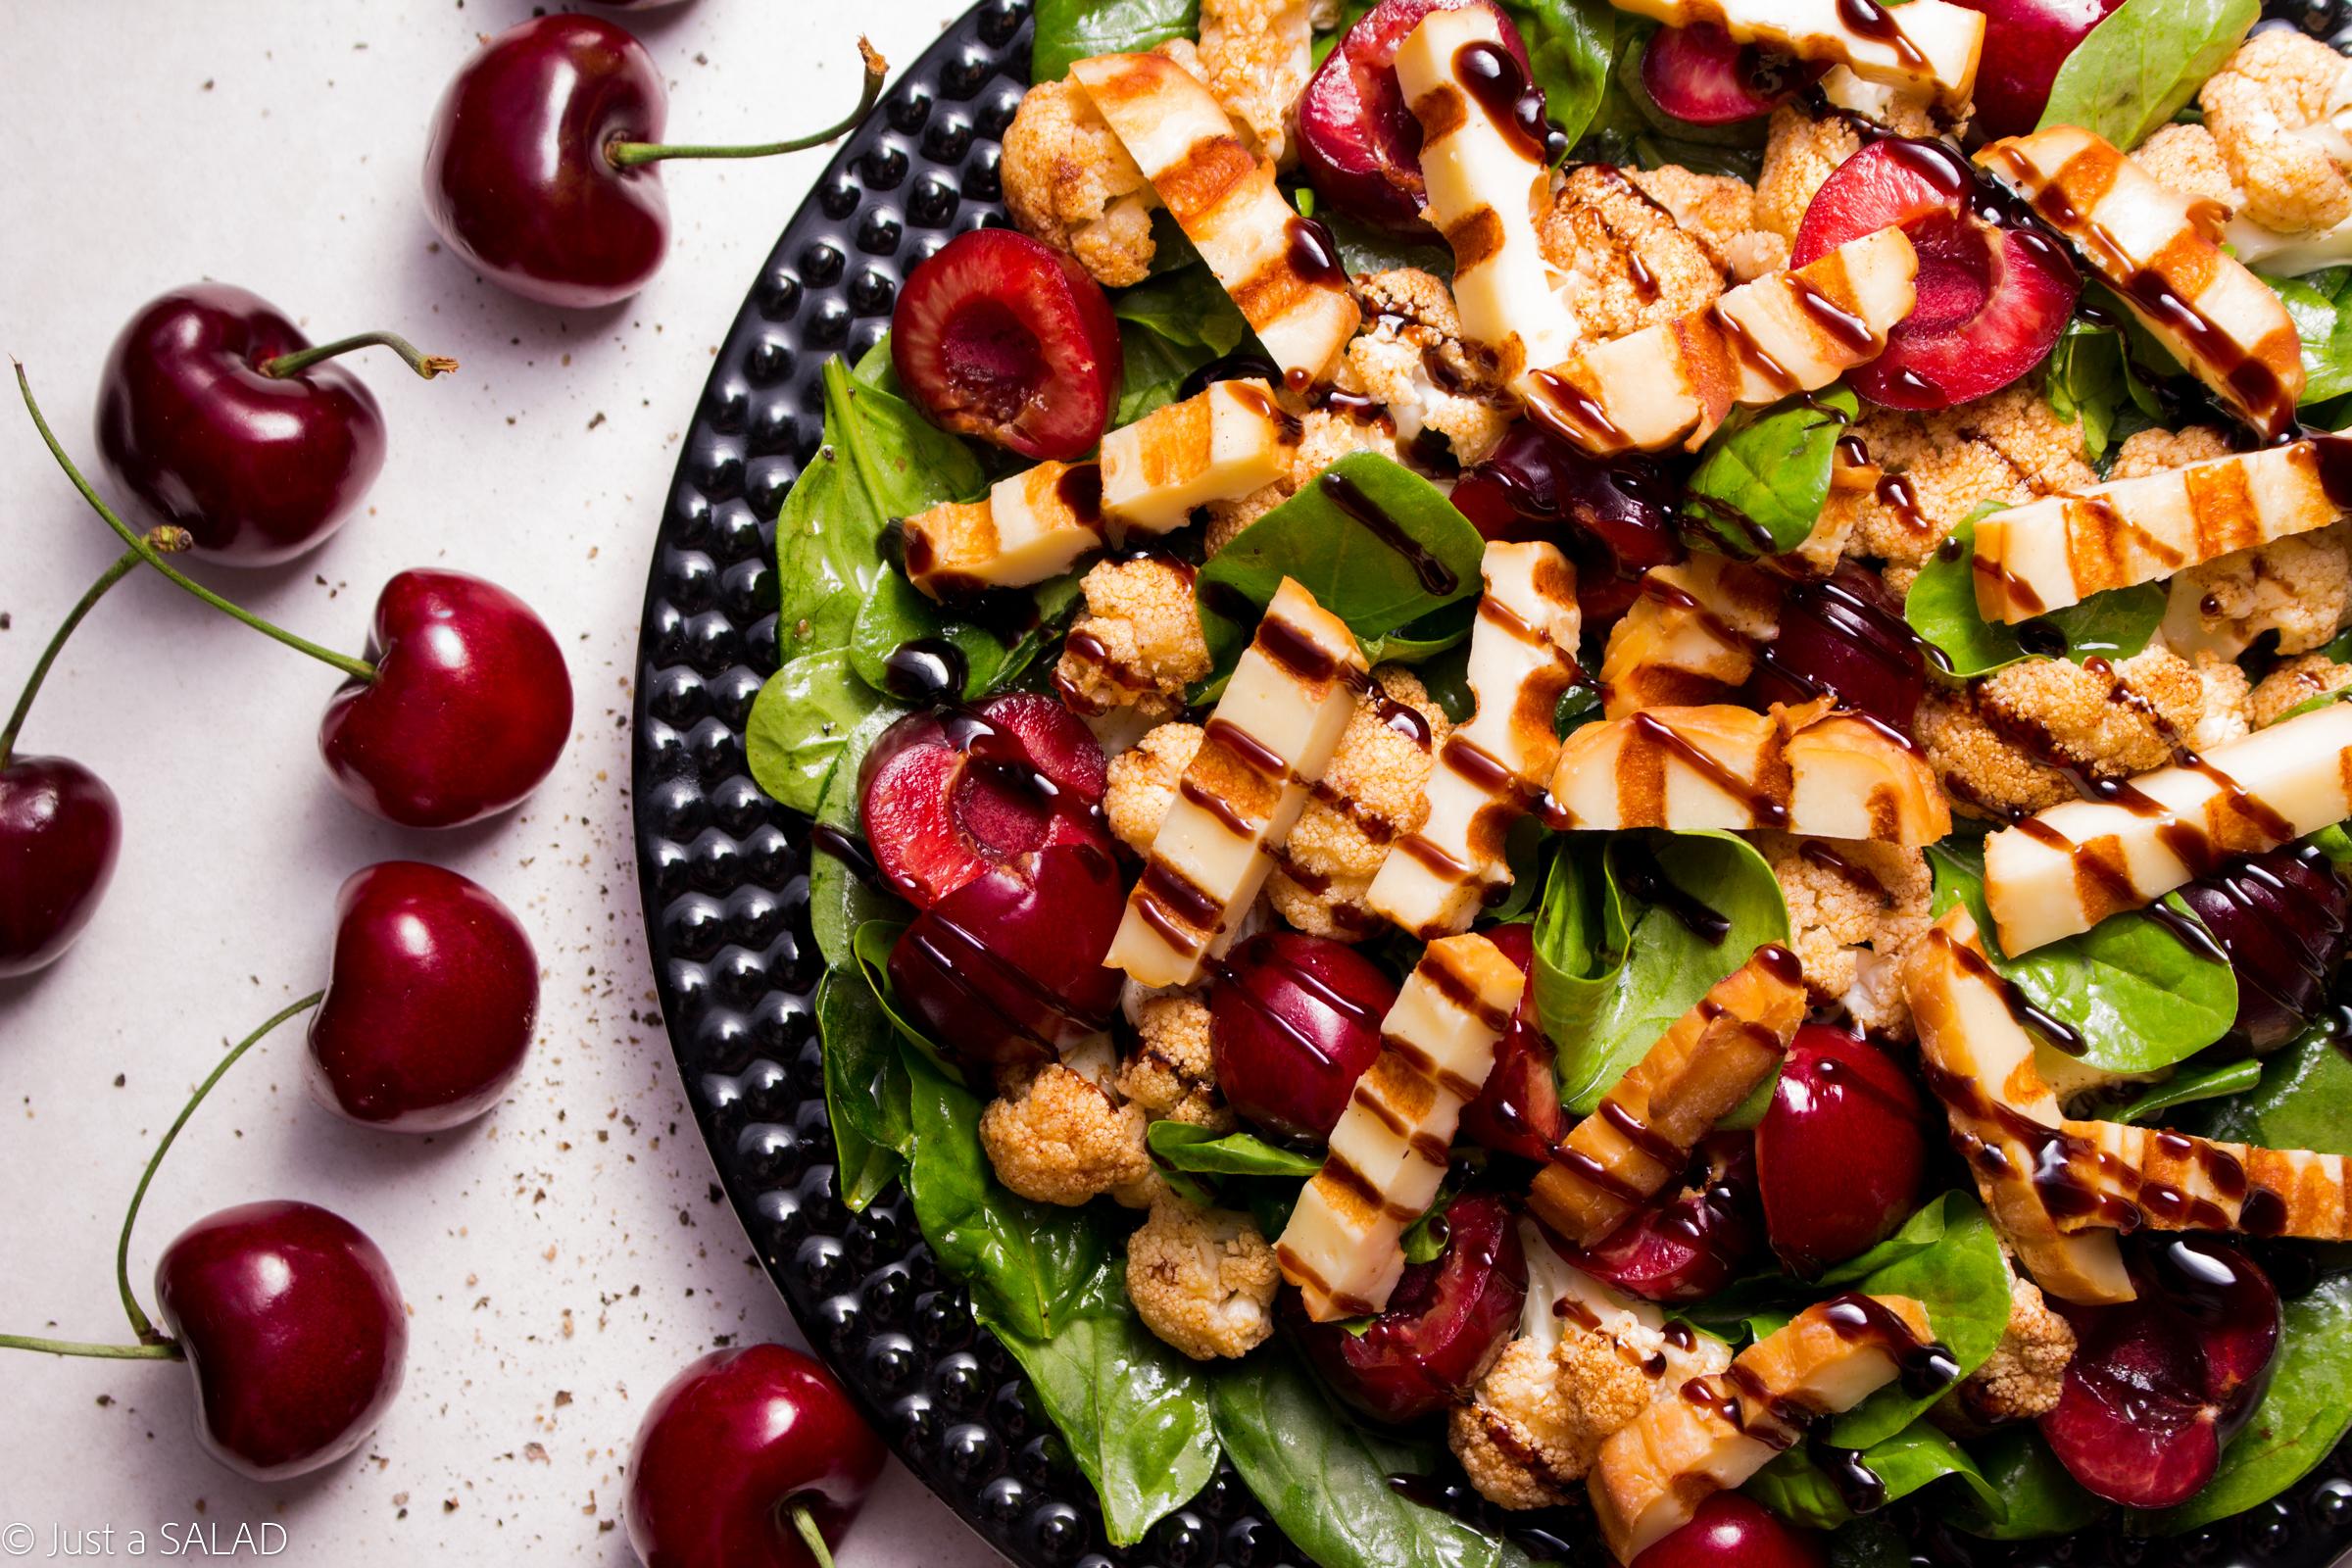 Fantazja Gorala Just A Salad Przepisy Na Salatki